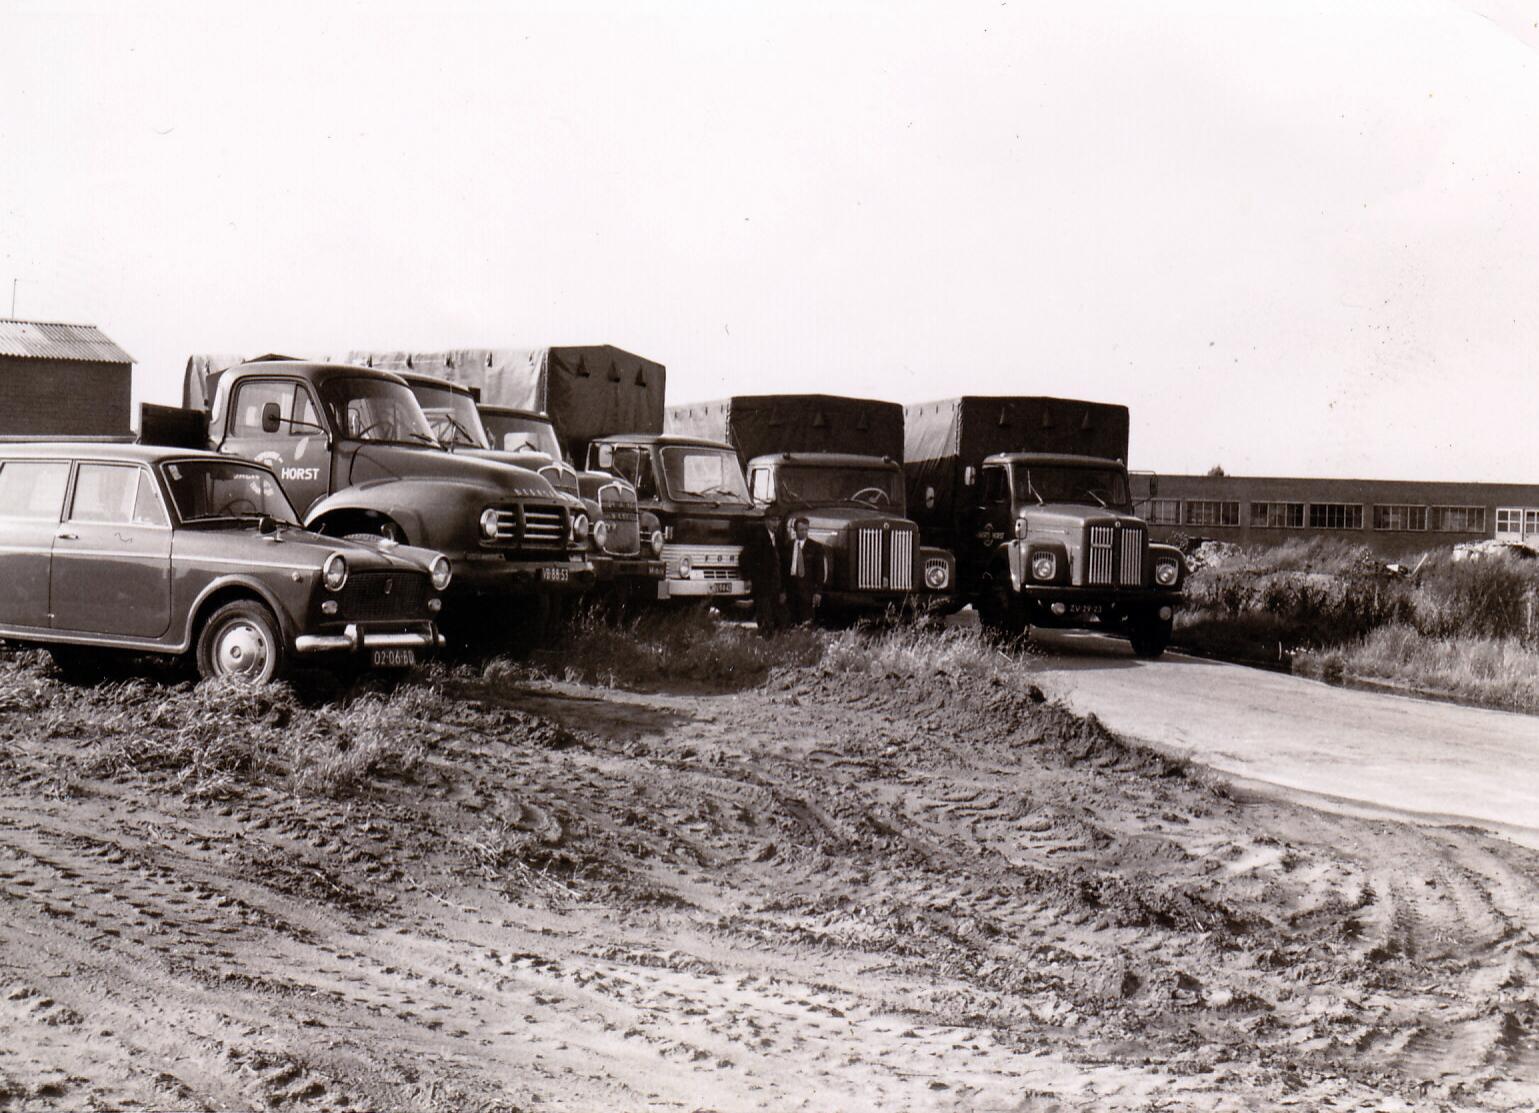 te-baerts-horst-toen-moest-de-bungalow-nog-gebouwd-worden-op-t-industrieterren-in-horst